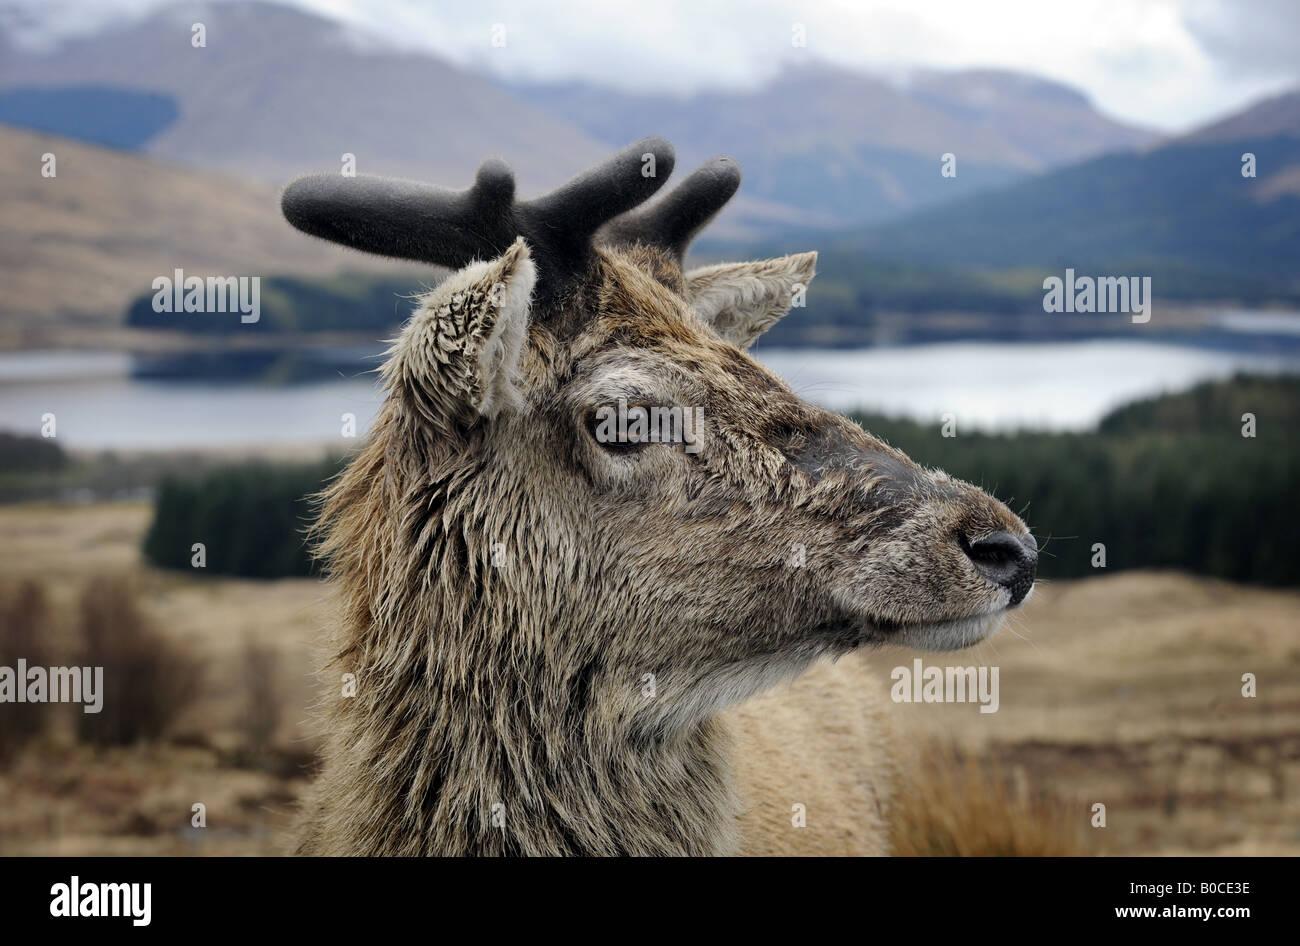 Un ciervo nativo de Escocia representada en las Highlands de Escocia cerca de Glencoe, UK. Imagen De Stock